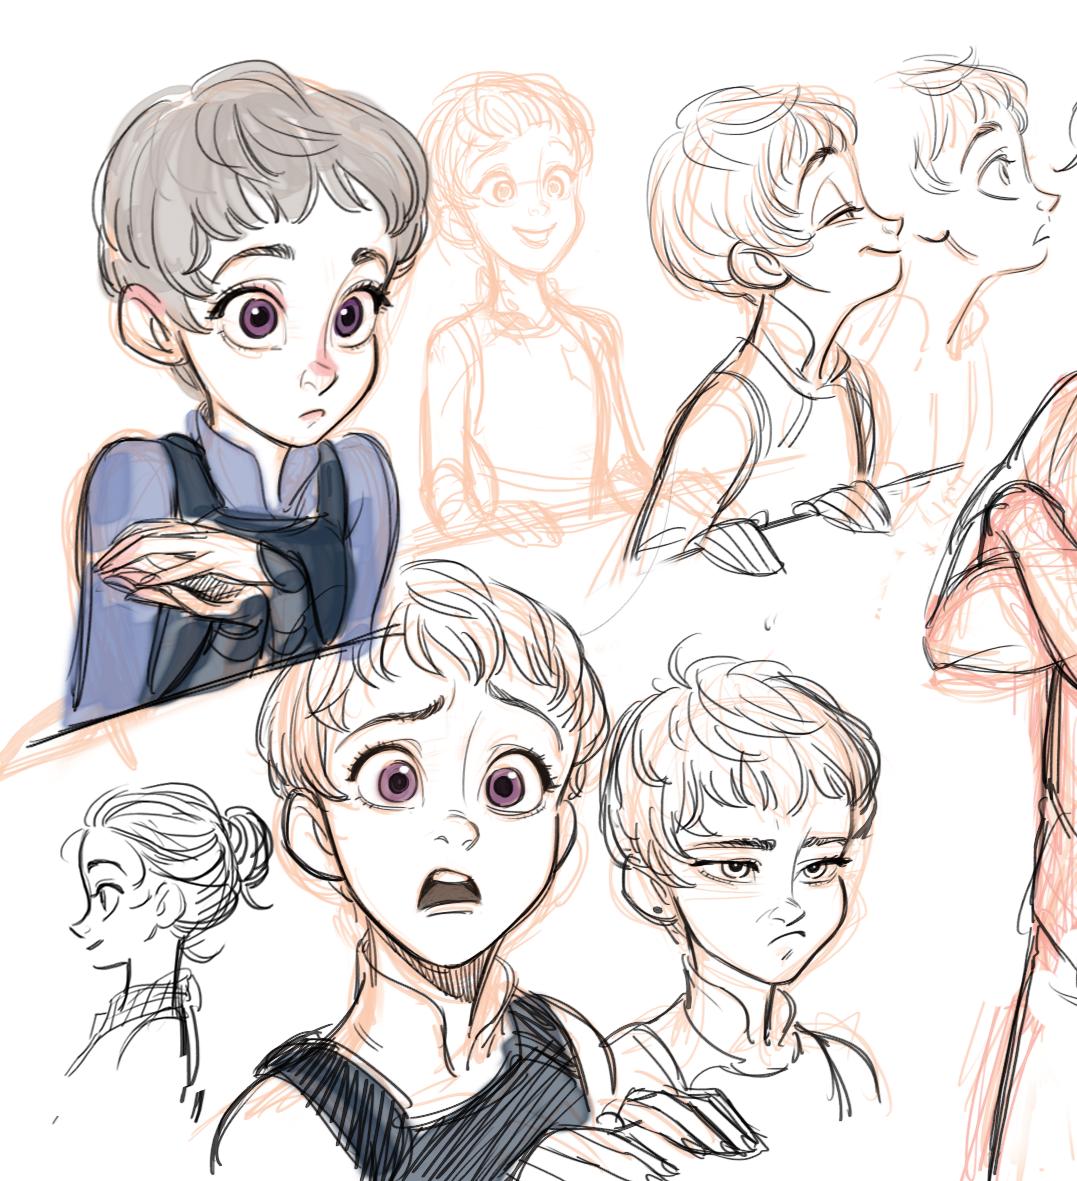 즐겁맨 타조맨 on | Dibujo, Diseño de personajes y Infancia